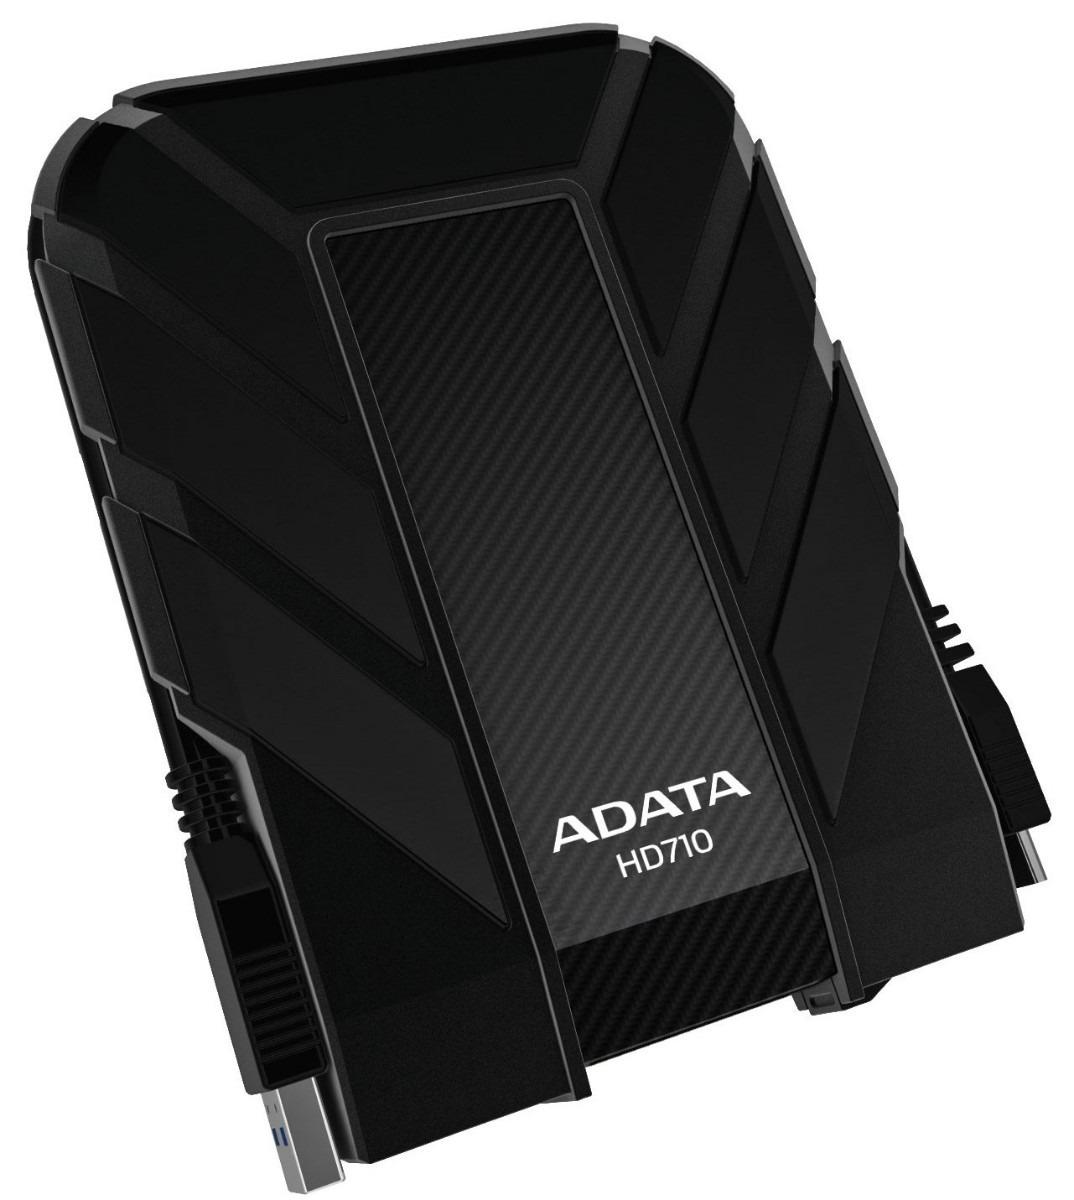 ADATA HD710 2TB 2000GB Black external hard drive